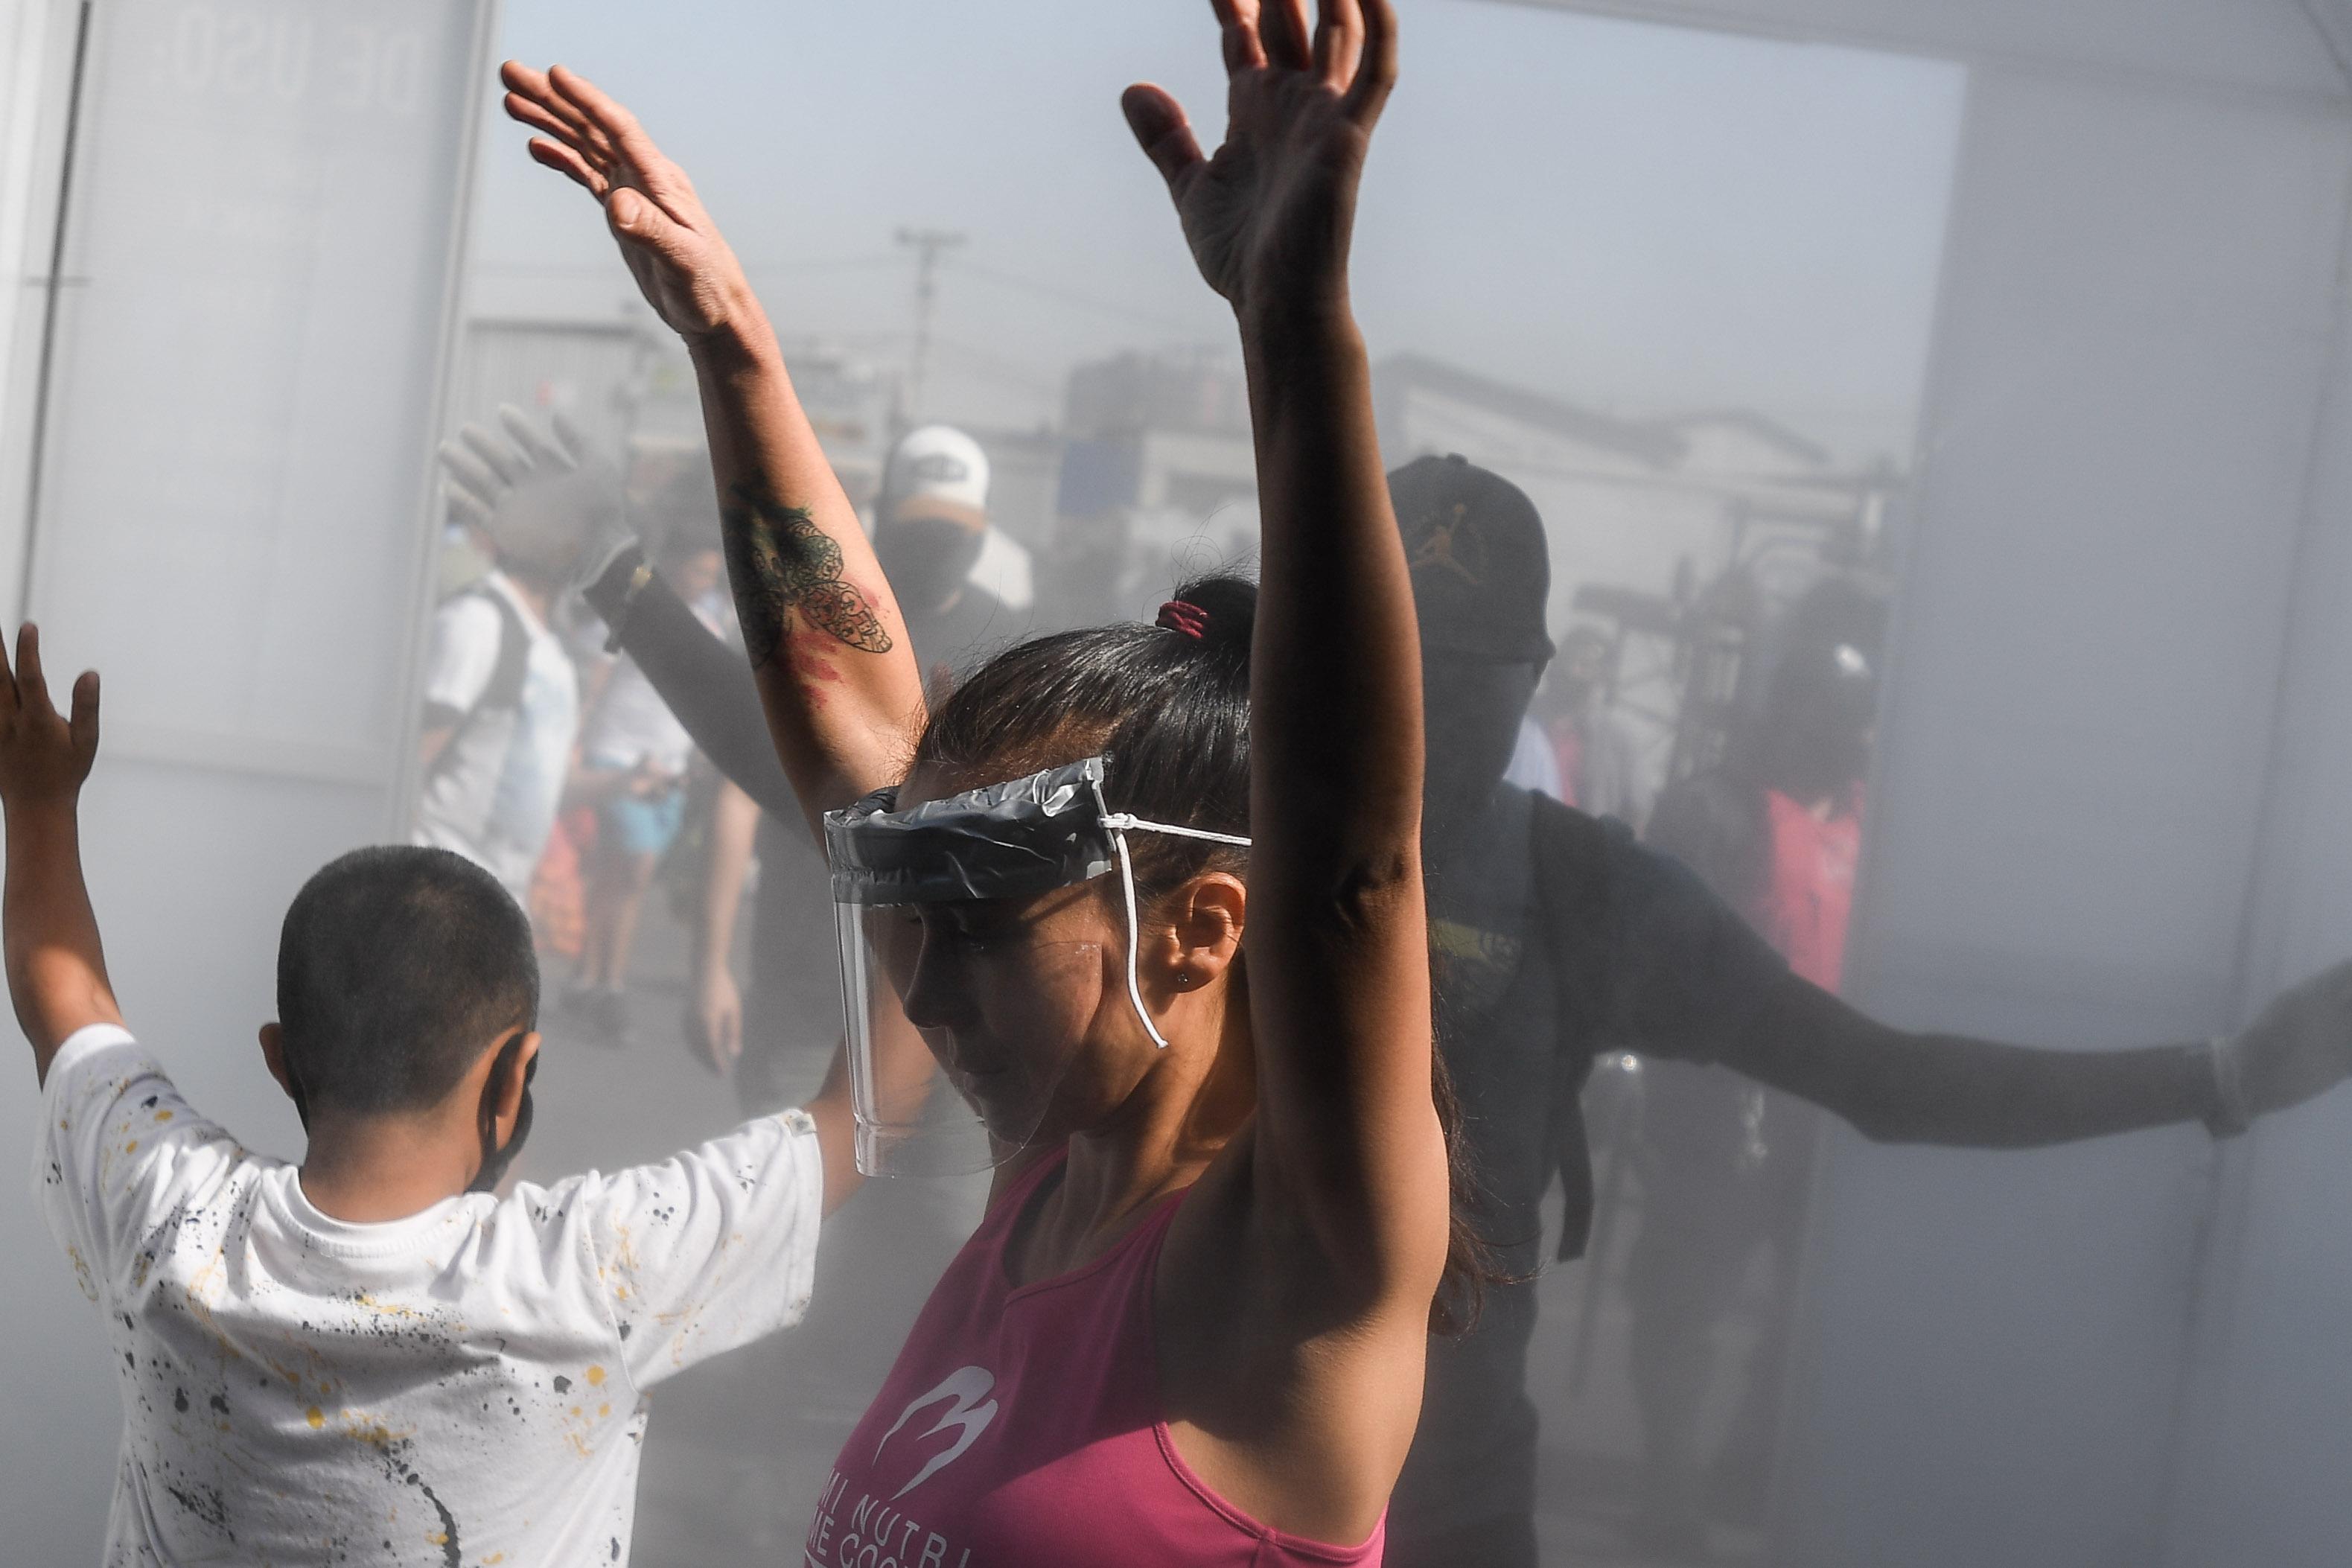 智利圣地亚哥市场安装消毒通道防范新冠病毒感染